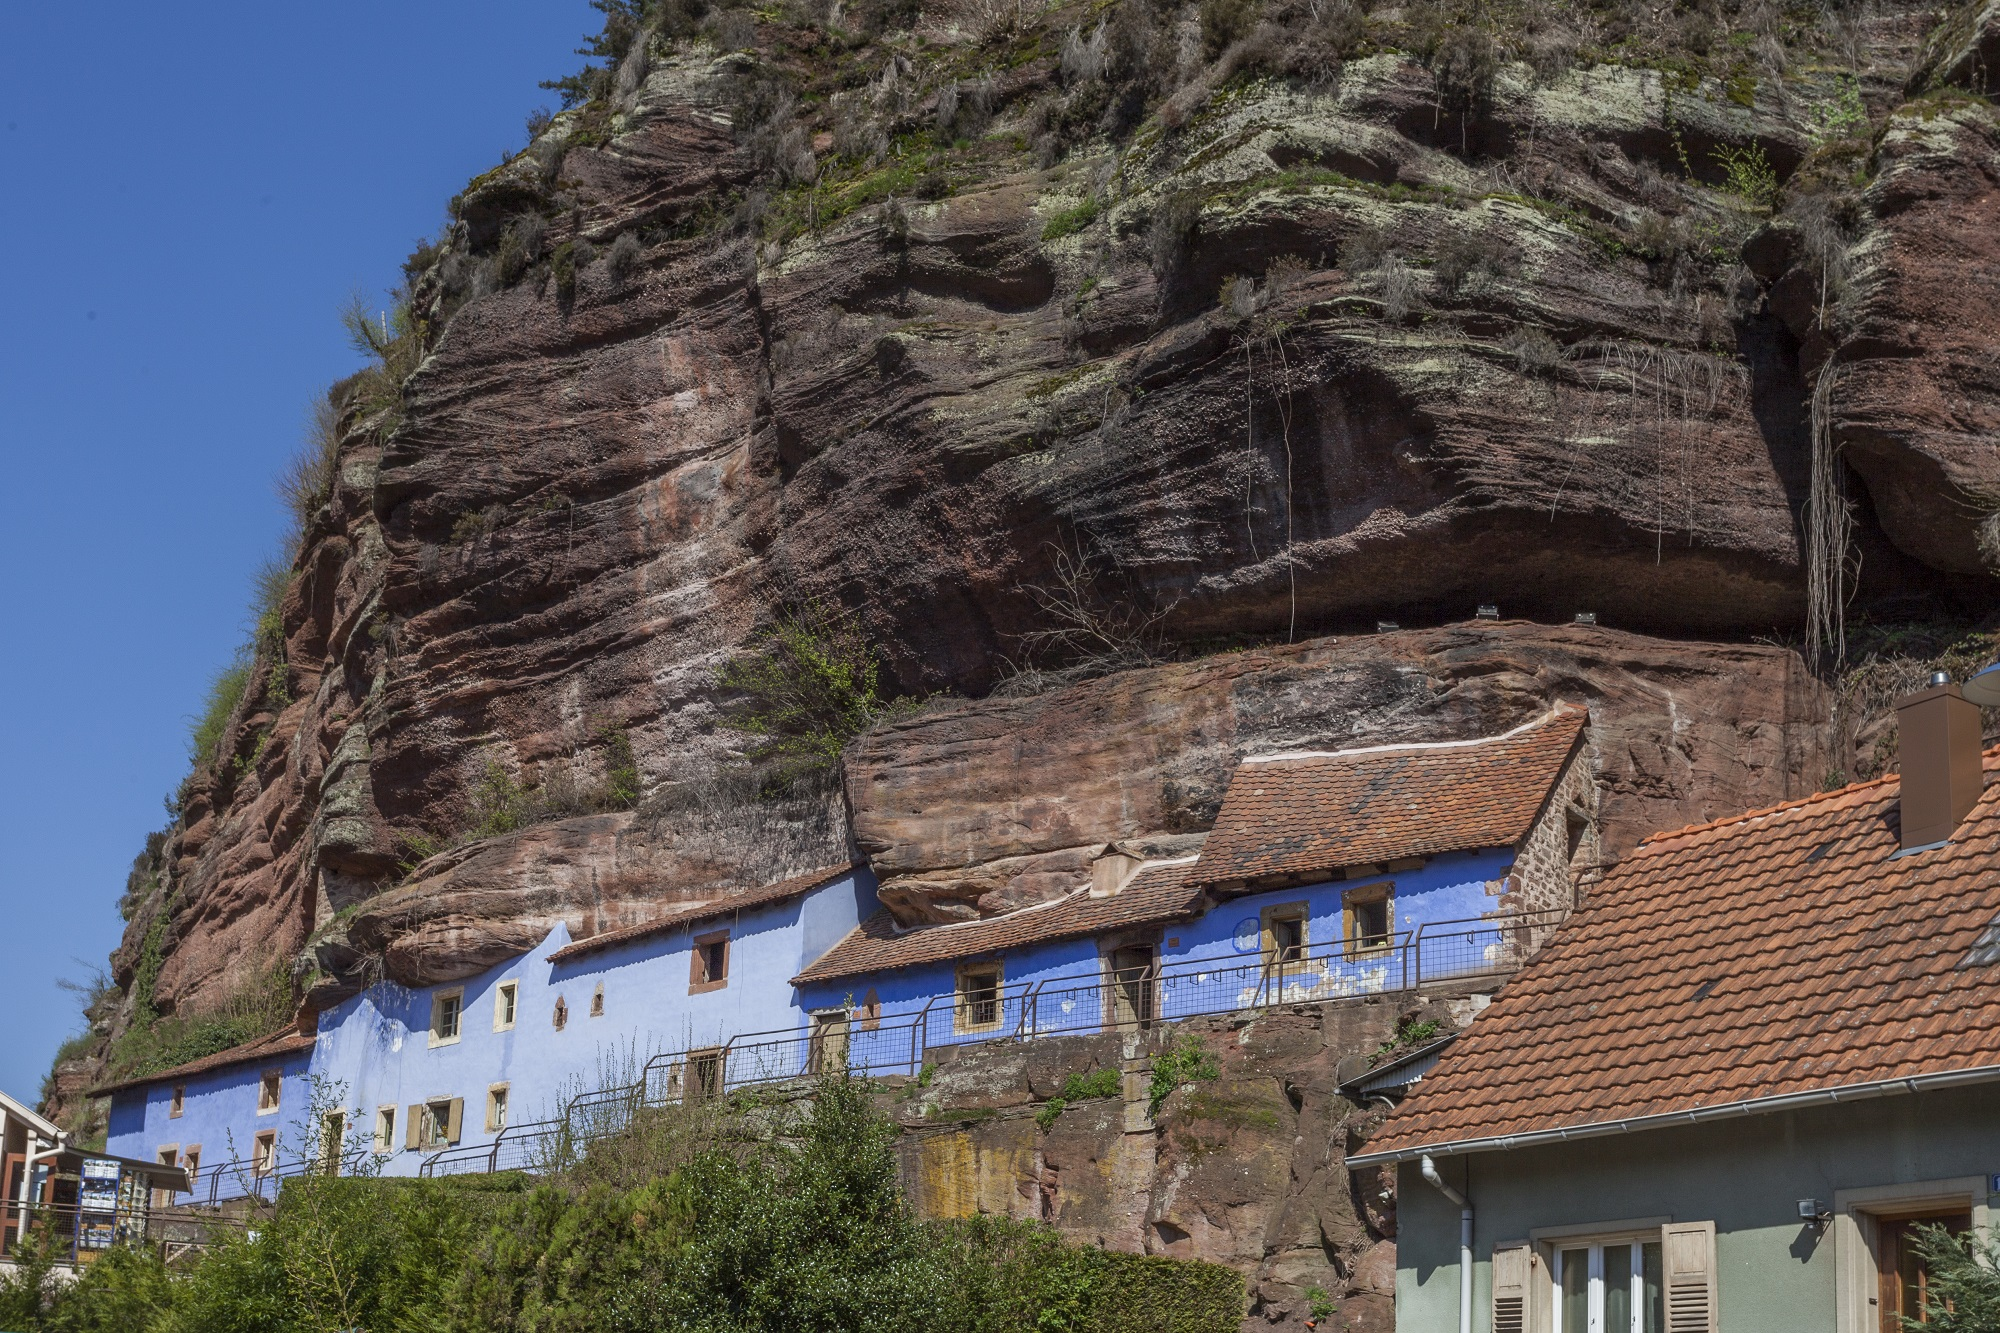 https://apps.tourisme-alsace.info/photos/lpp/photos/217003302_1.jpg